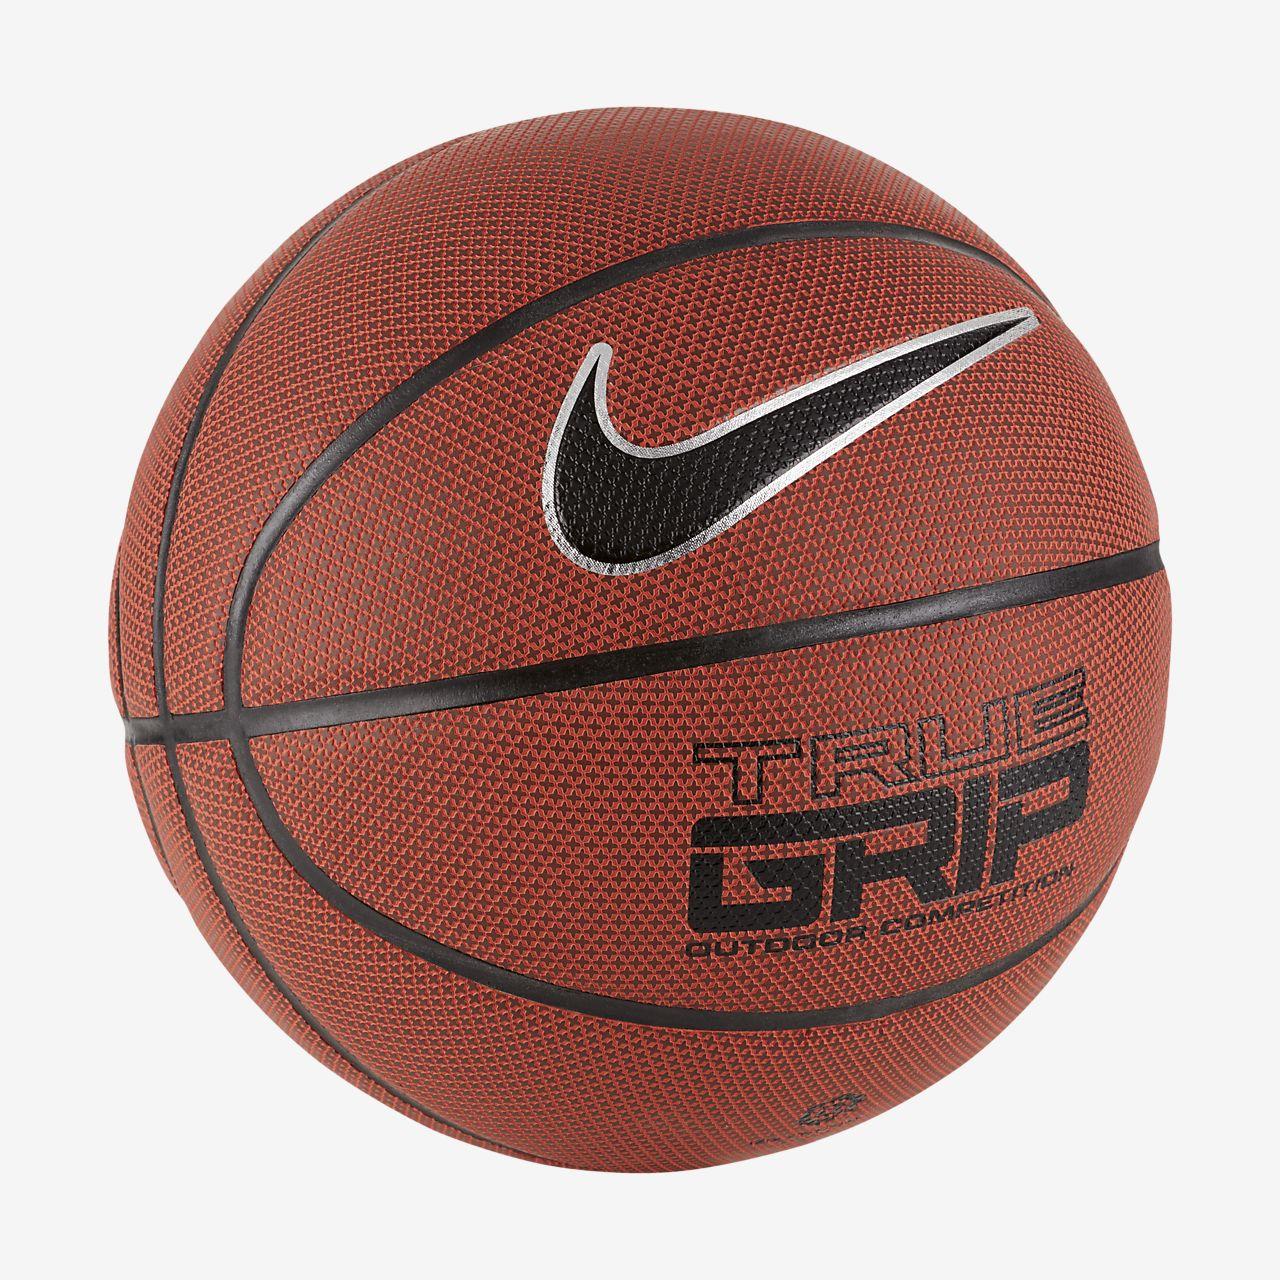 Basketboll Nike True Grip Outdoor 8P. Nike.com SE 952a48da59ecc